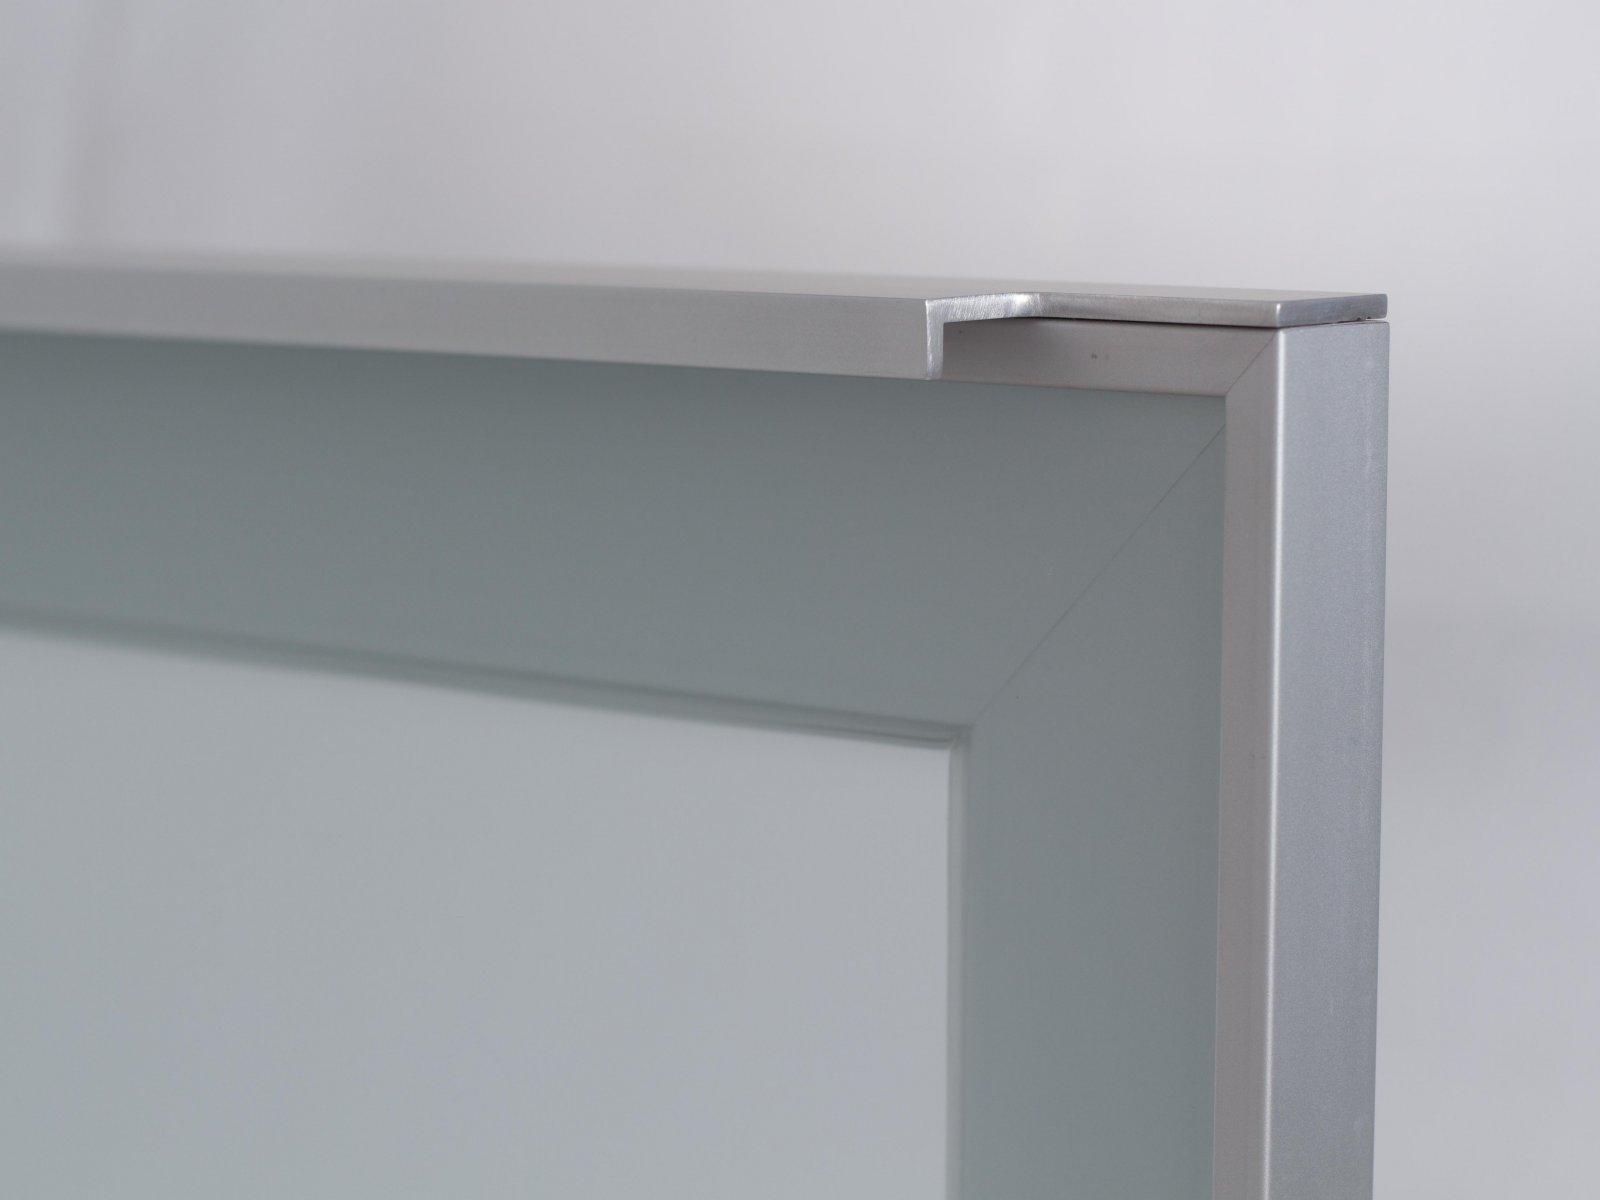 Porta-13 (Perfil V01 mate + puxador P05 mate + vidro fosco)